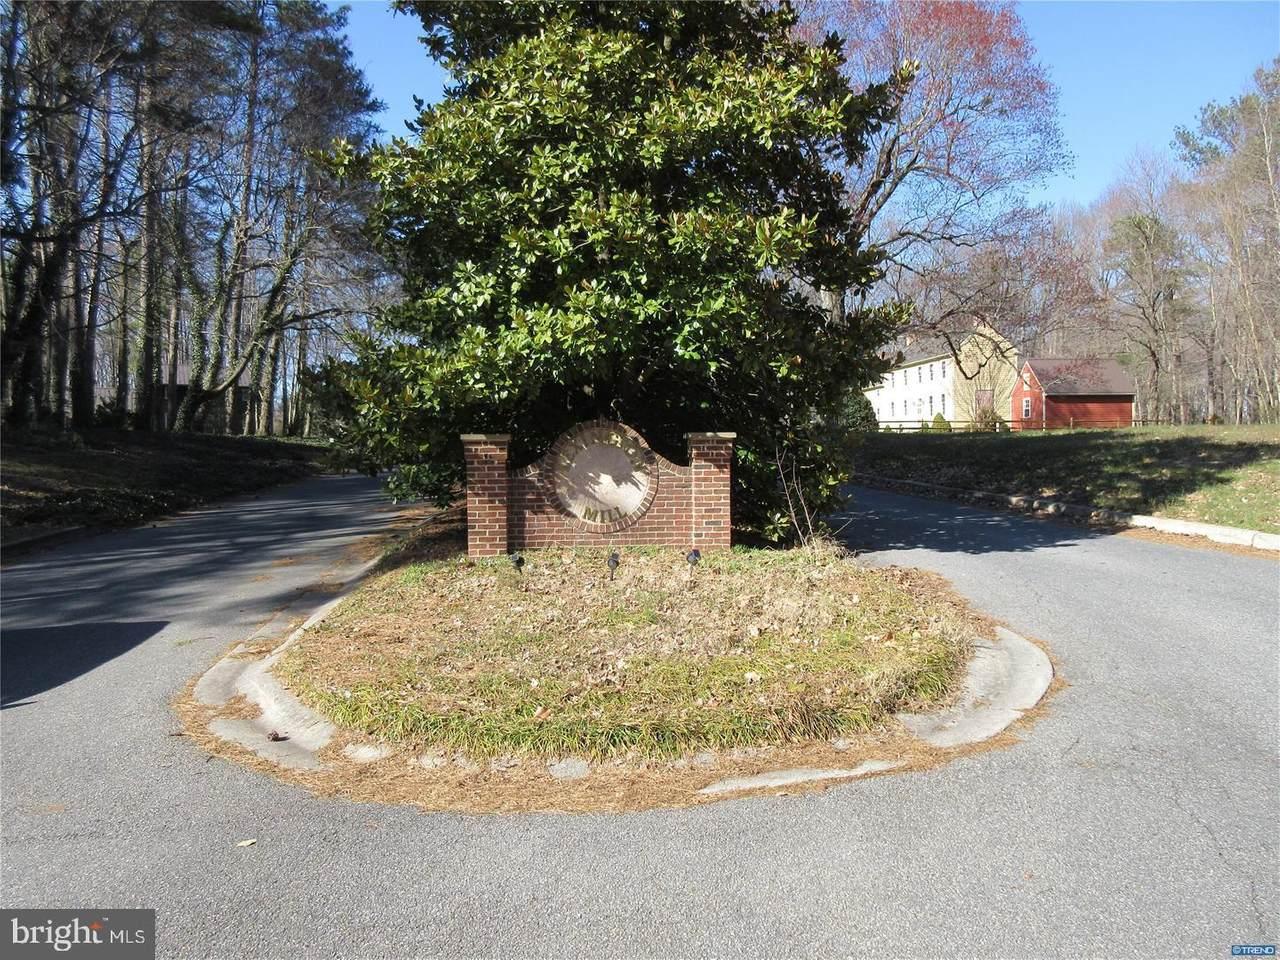 141 Lexington Drive - Photo 1